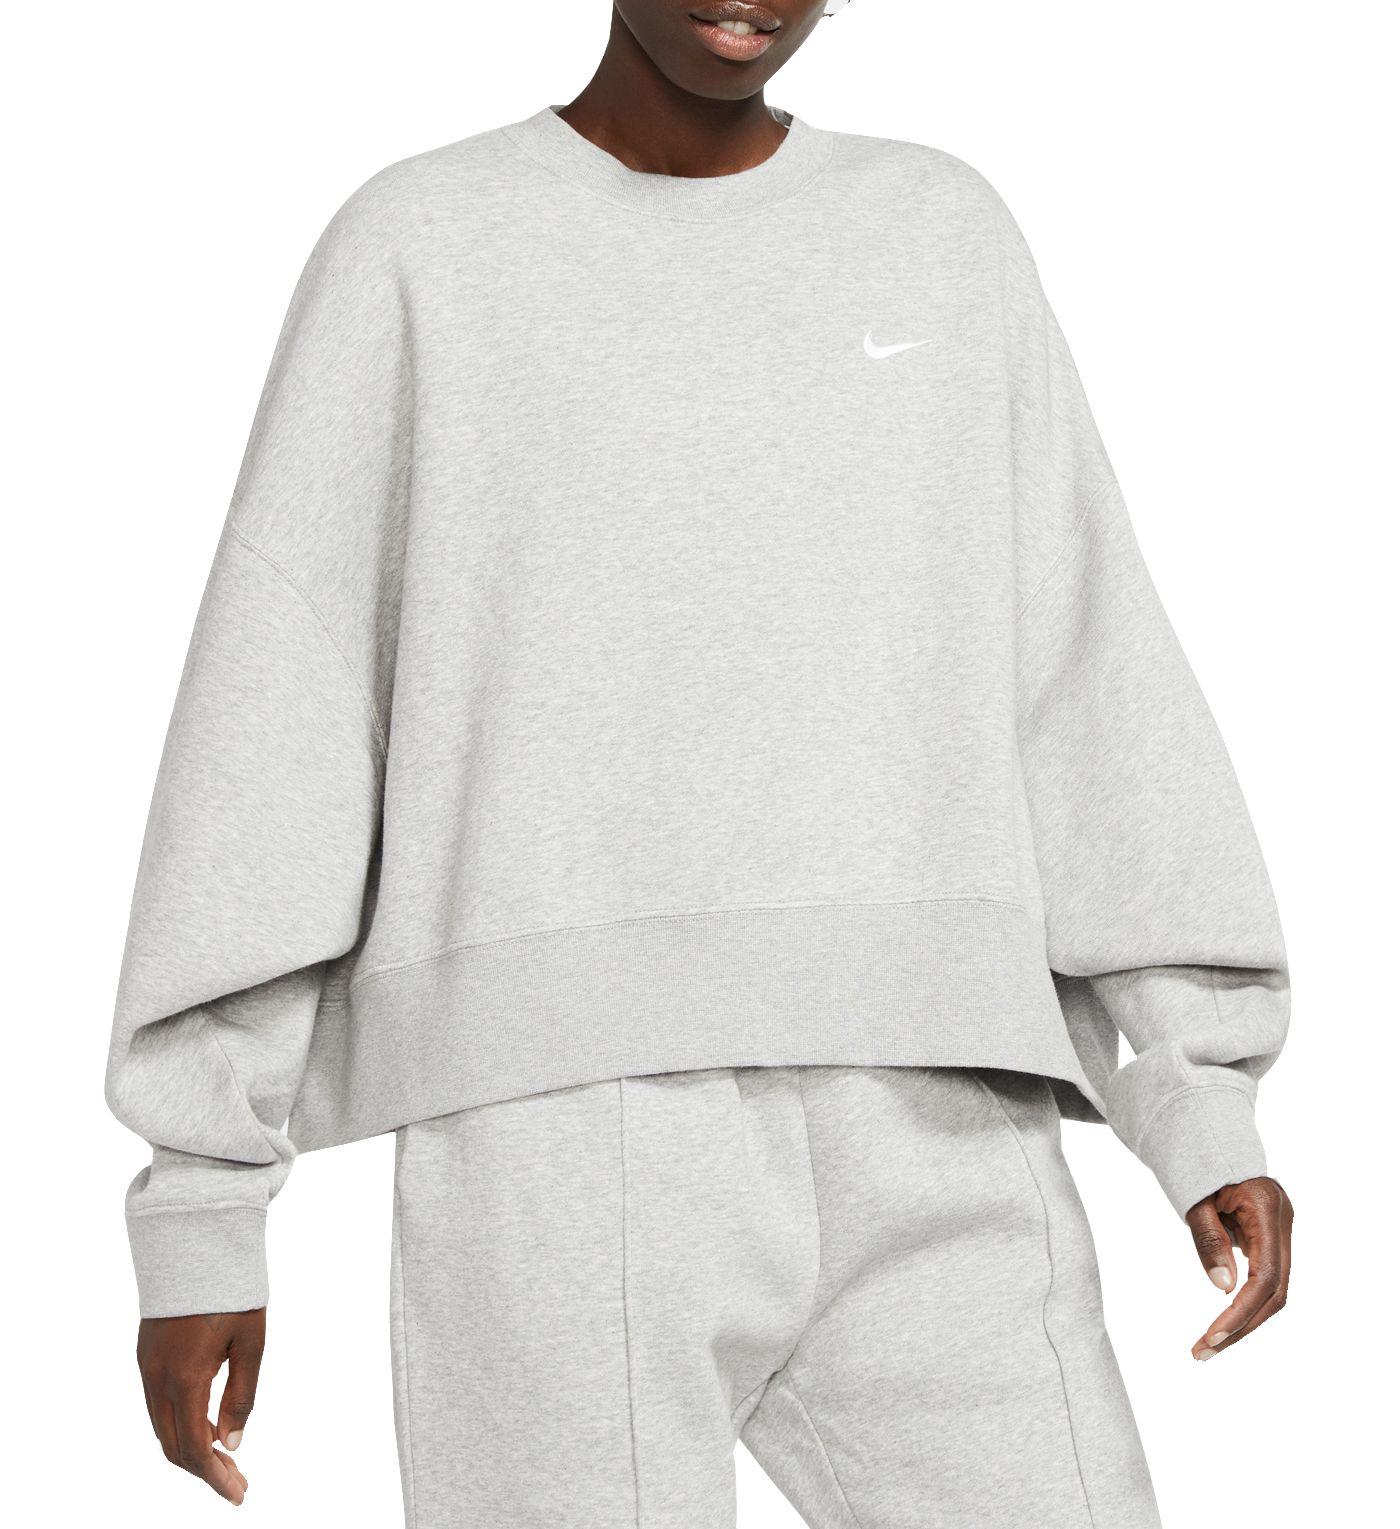 Nike Sportswear Women's Essentials Fleece Cropped Crew